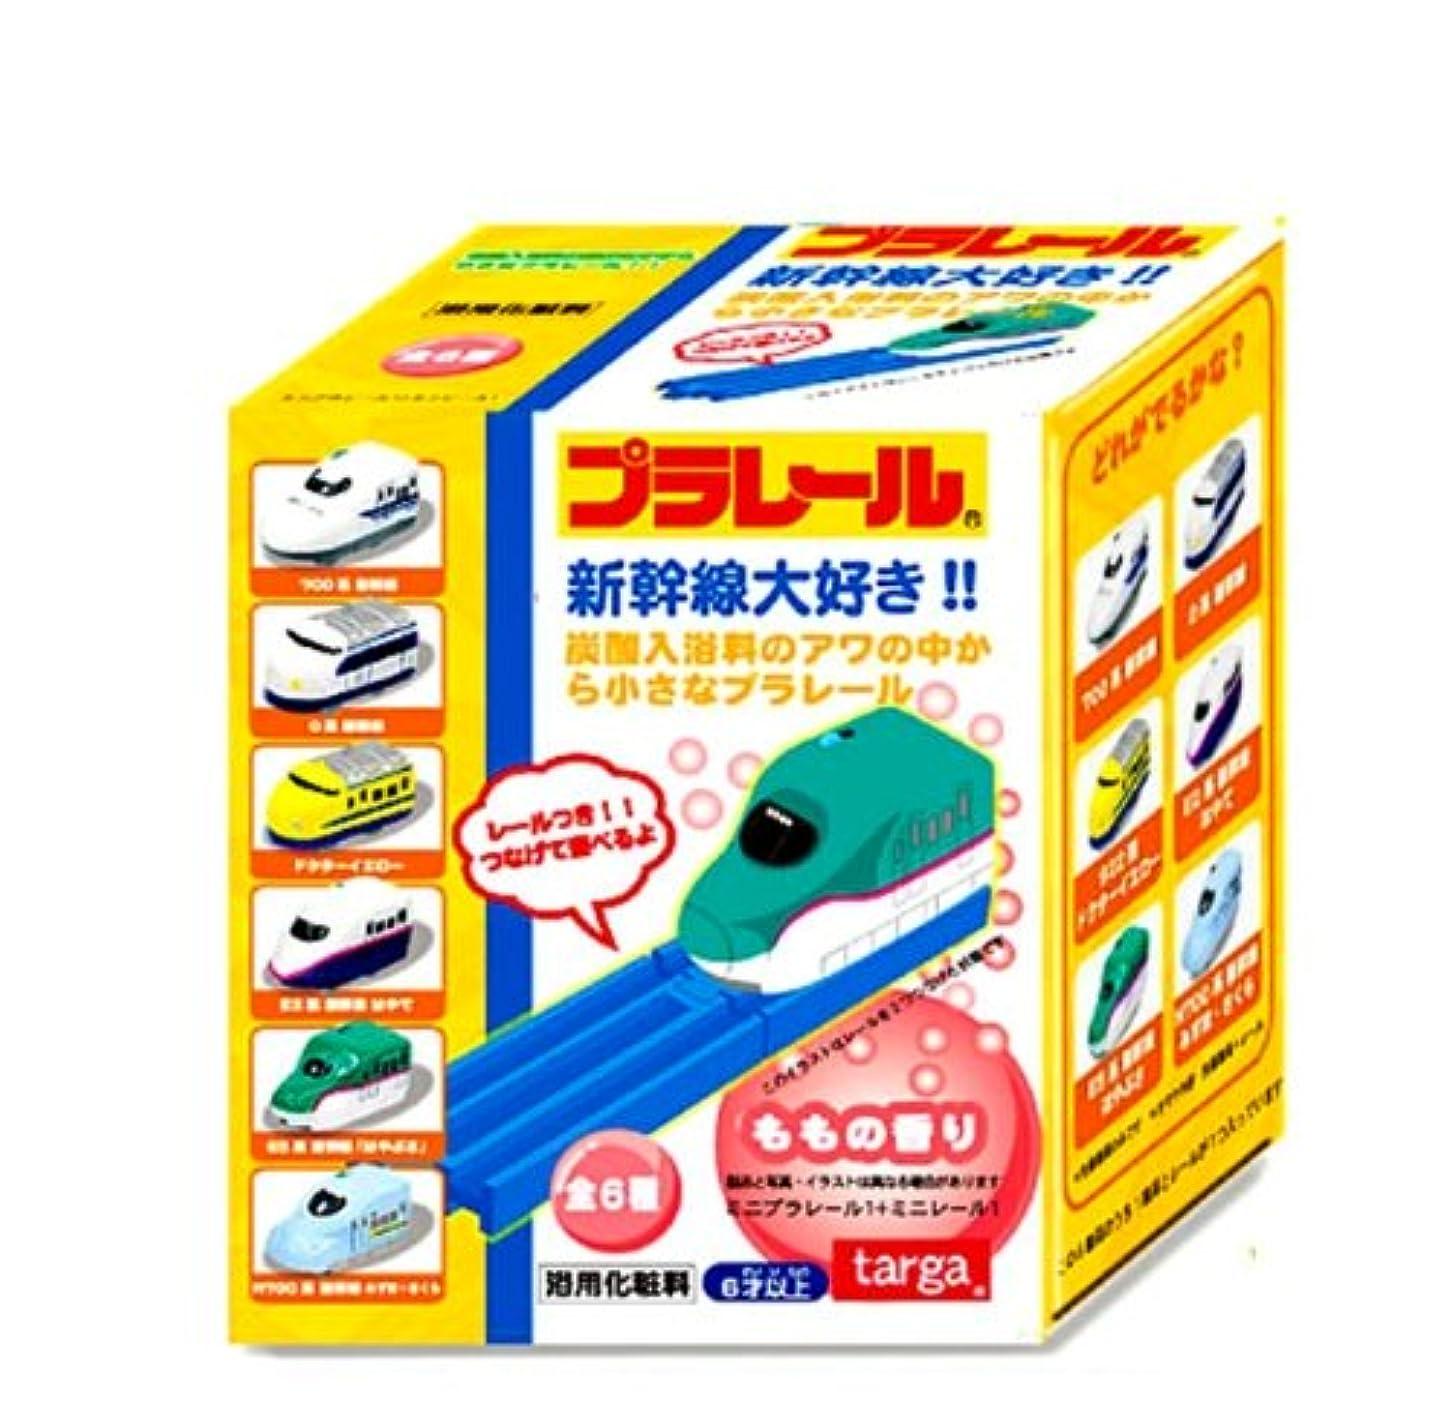 ヘリコプターましい水っぽいプラレール炭酸入浴料 BOX